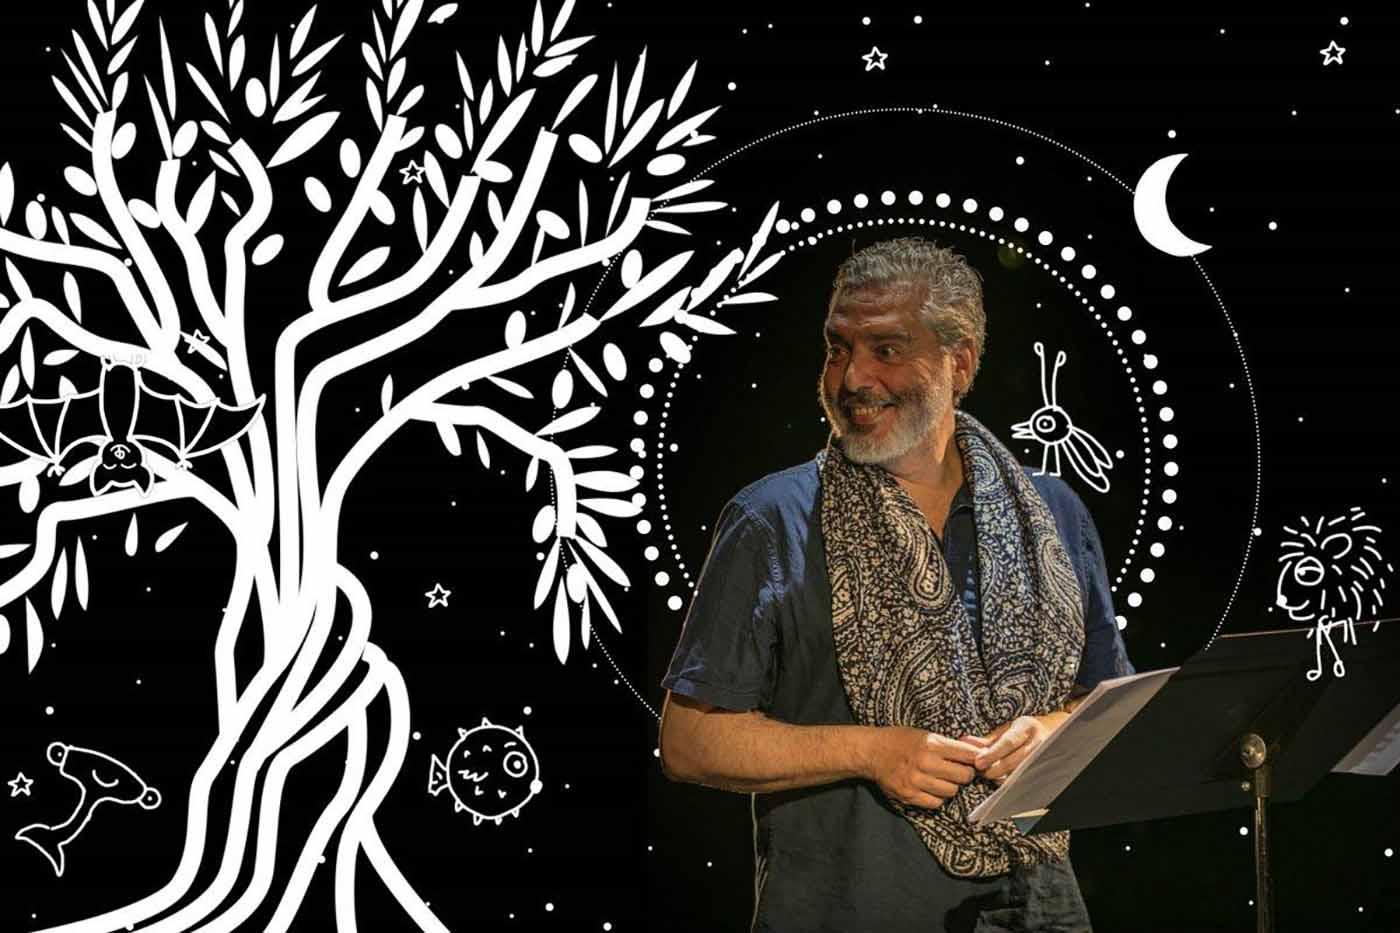 """Δωρεάν το μουσικό παραμύθι """"Η συνέλευση των ζώων"""" από την Εθνική Λυρική Σκηνή -Thisisus.gr"""